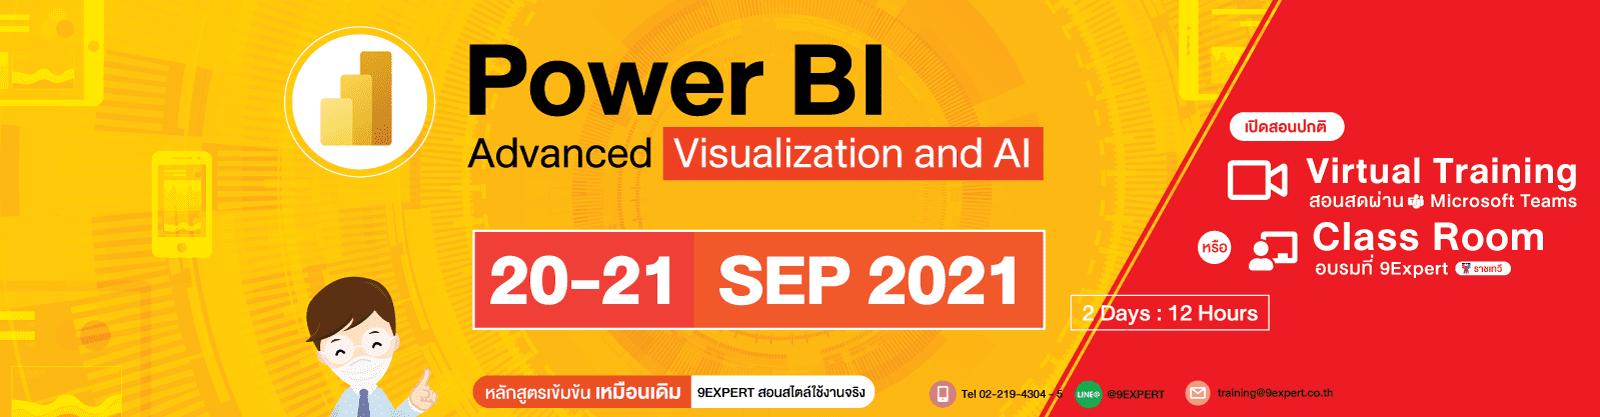 หลักสูตร Power BI Advanced Visualization and AI (2 Days) 20-21 กันยายน 2564